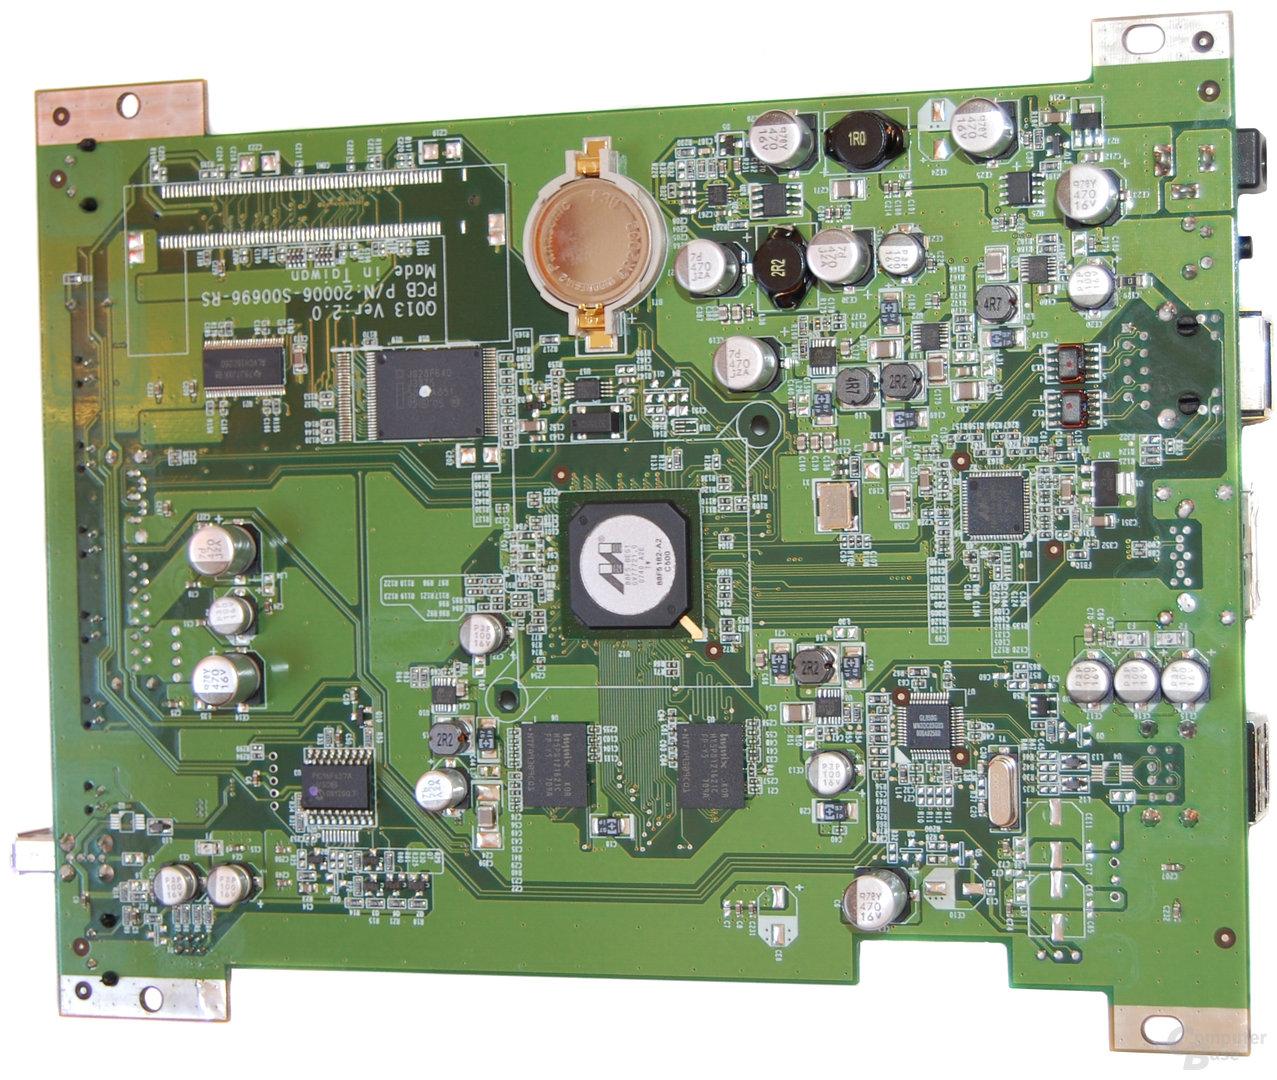 QNAP TS-109 Pro II